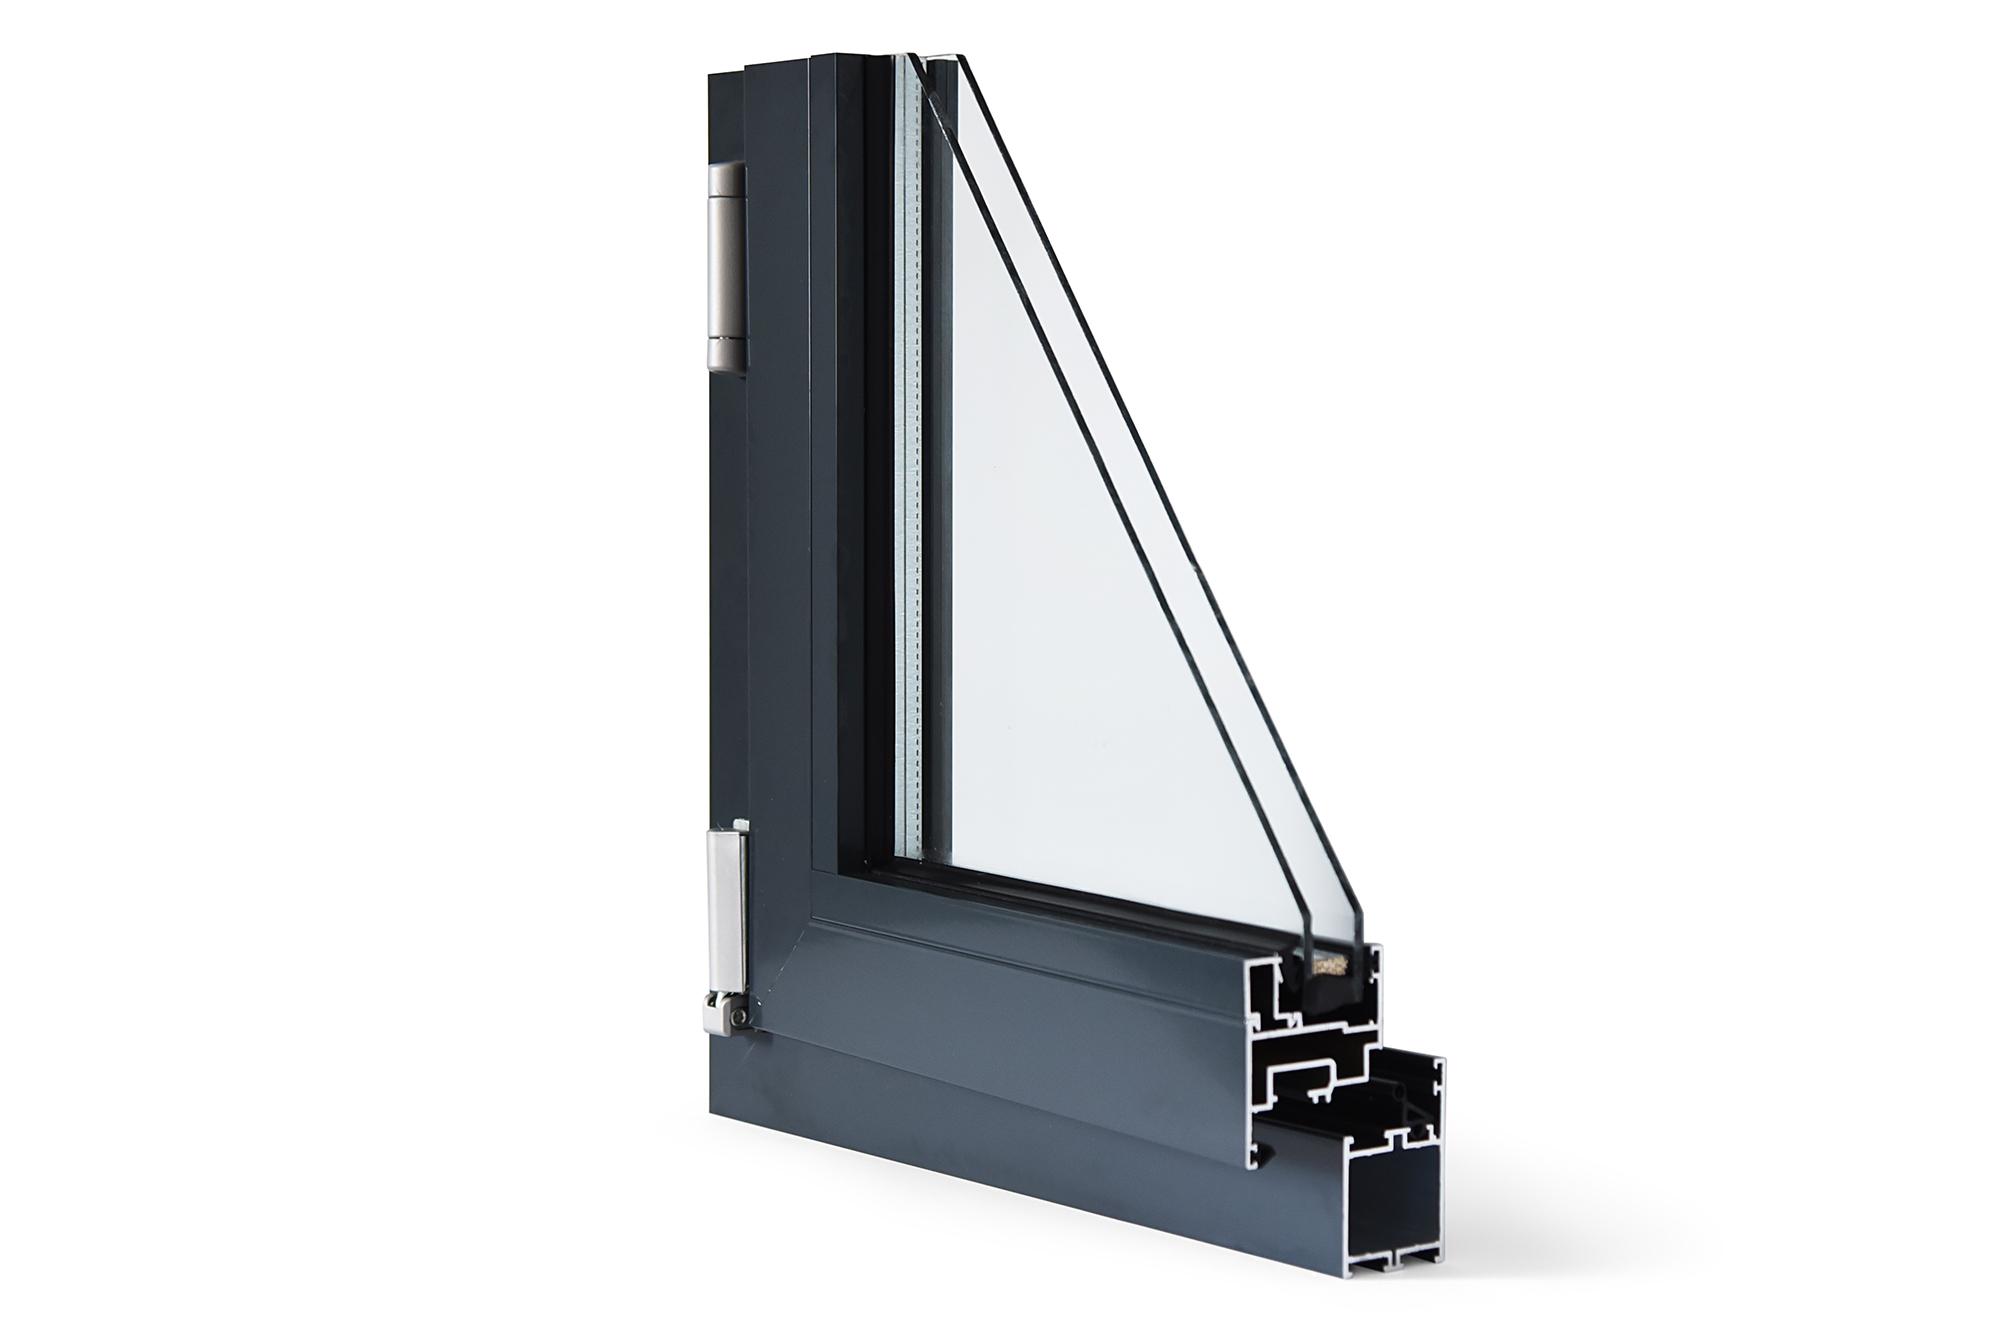 Full Size of Drutex Fenster Aus Polen Polnische Erfahrungen In Kaufen Bewertungen Iglo 5 Erfahrung Anpressdruck Einstellen Aluminium Holz Alu Konfigurator Testbericht Fenster Drutex Fenster